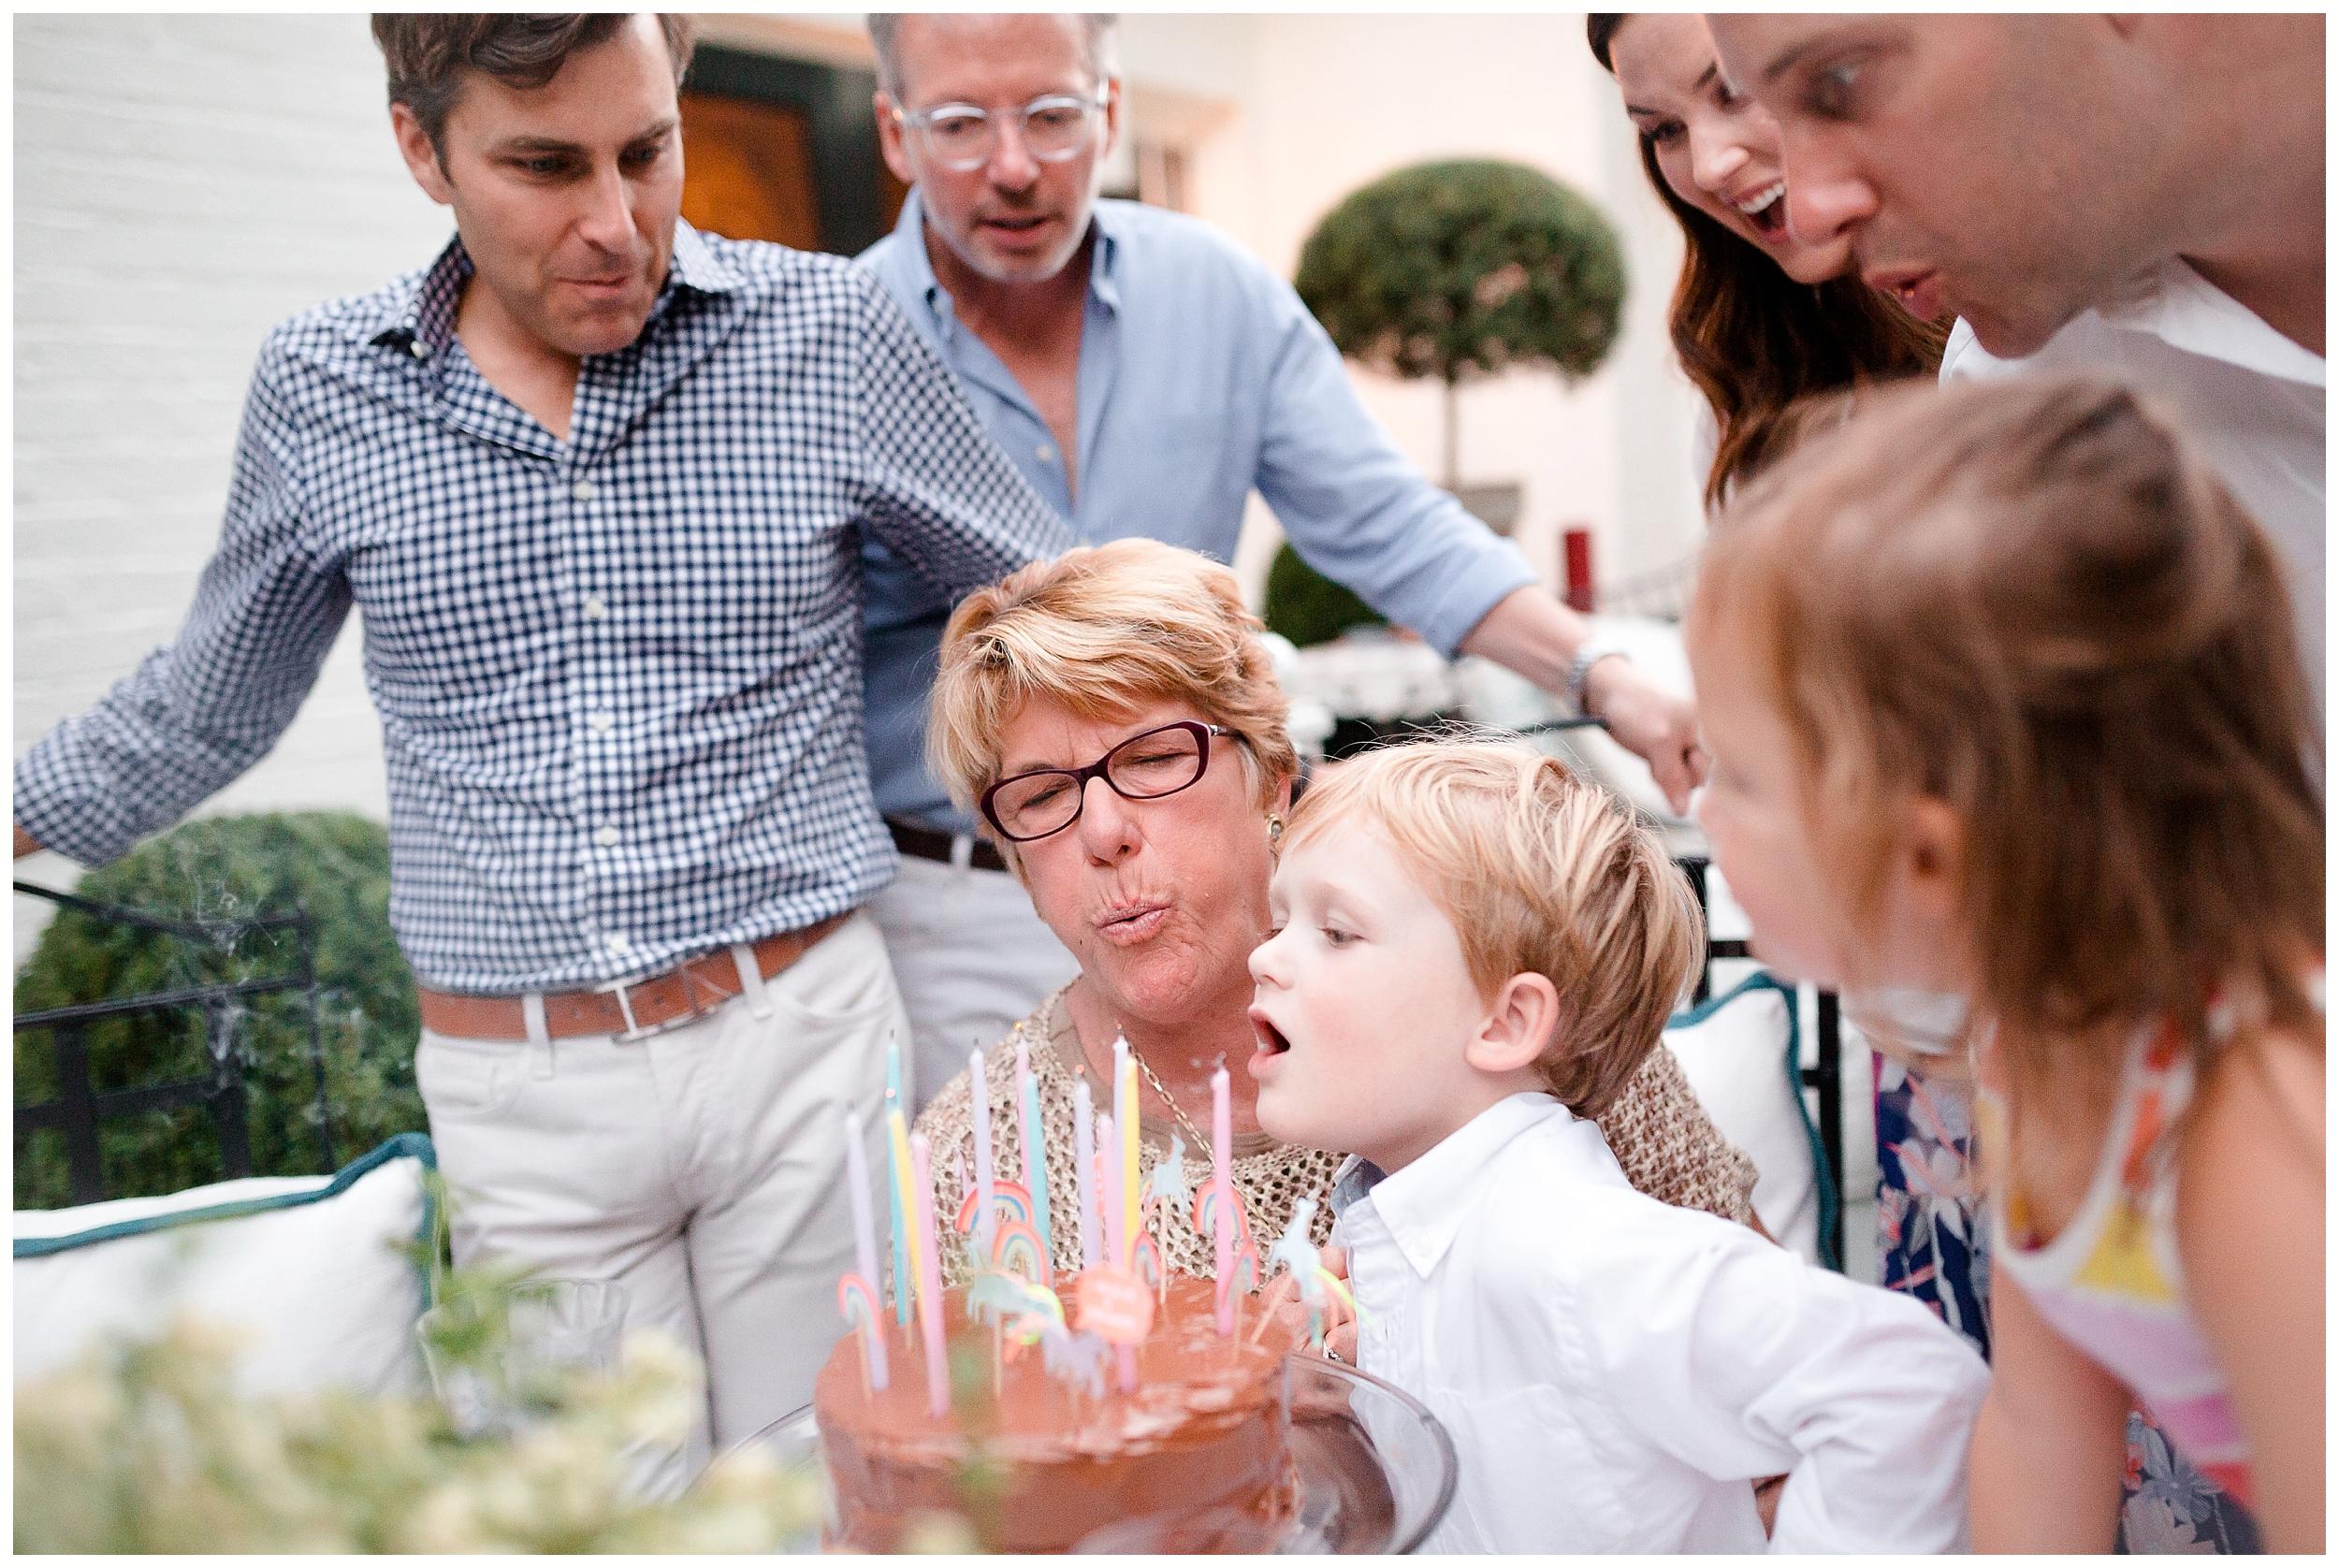 lexington-ky-family-lifestyle-photos-by-priscilla-baierlein_0036.jpg